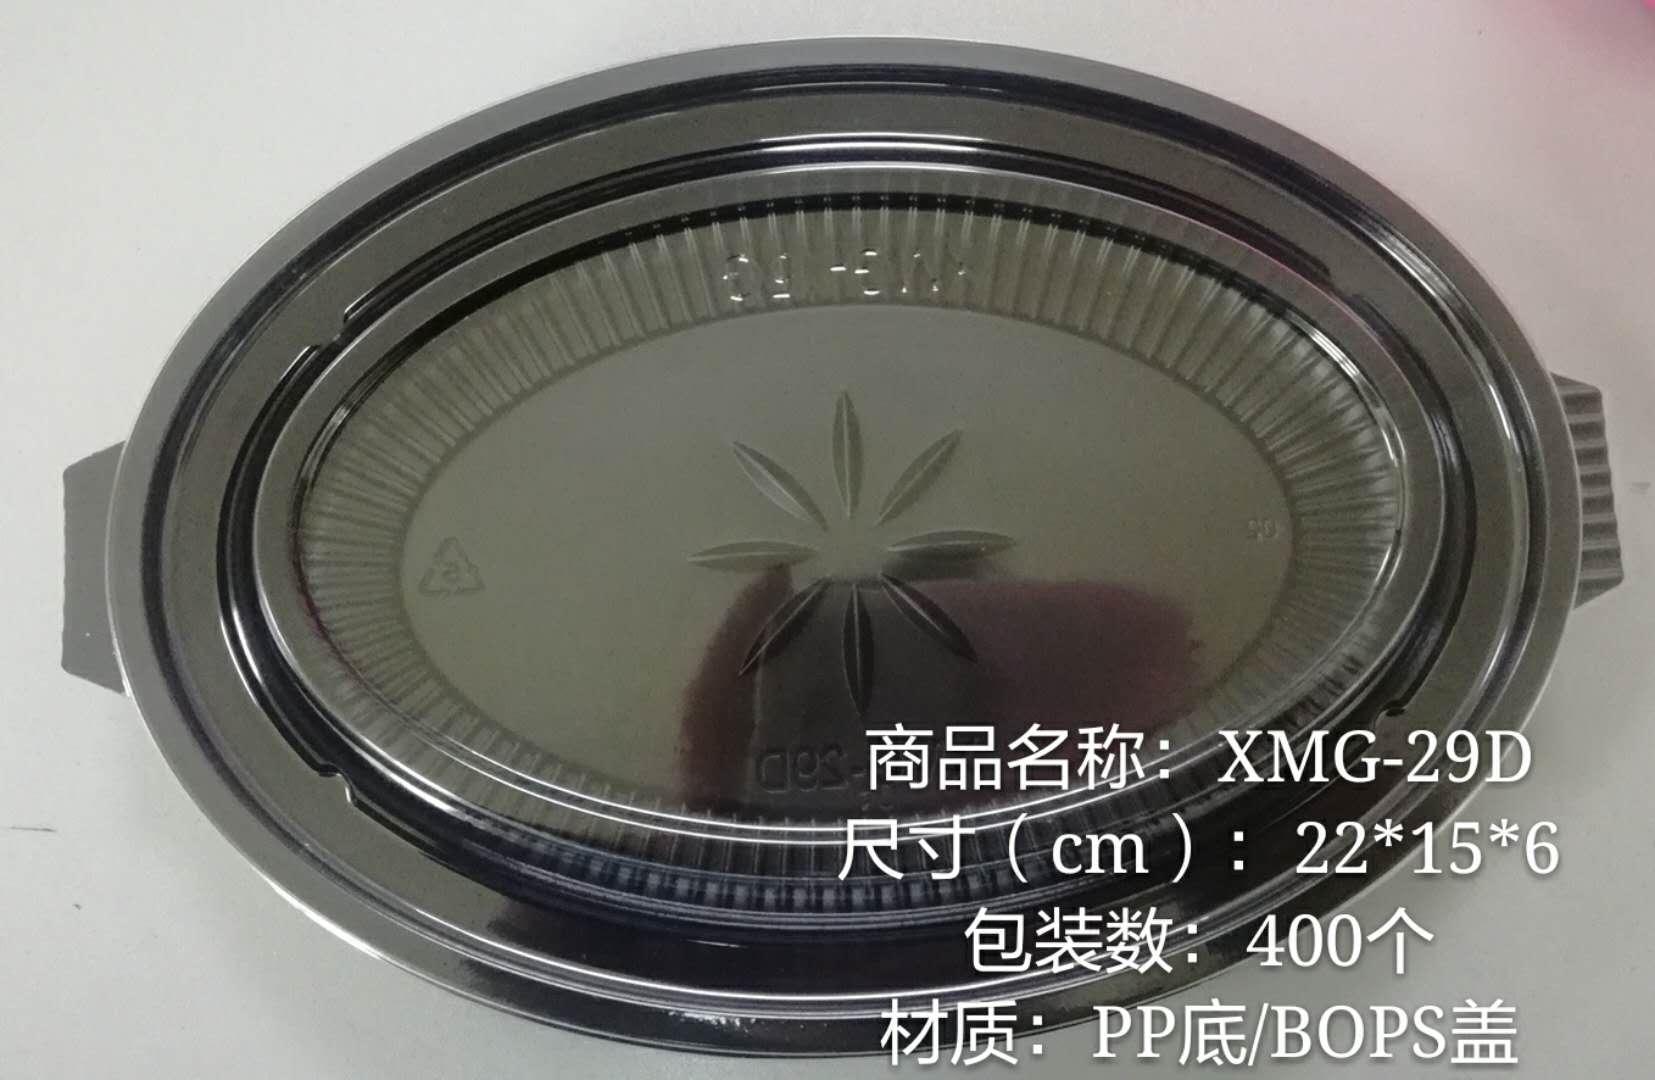 XMG-29D